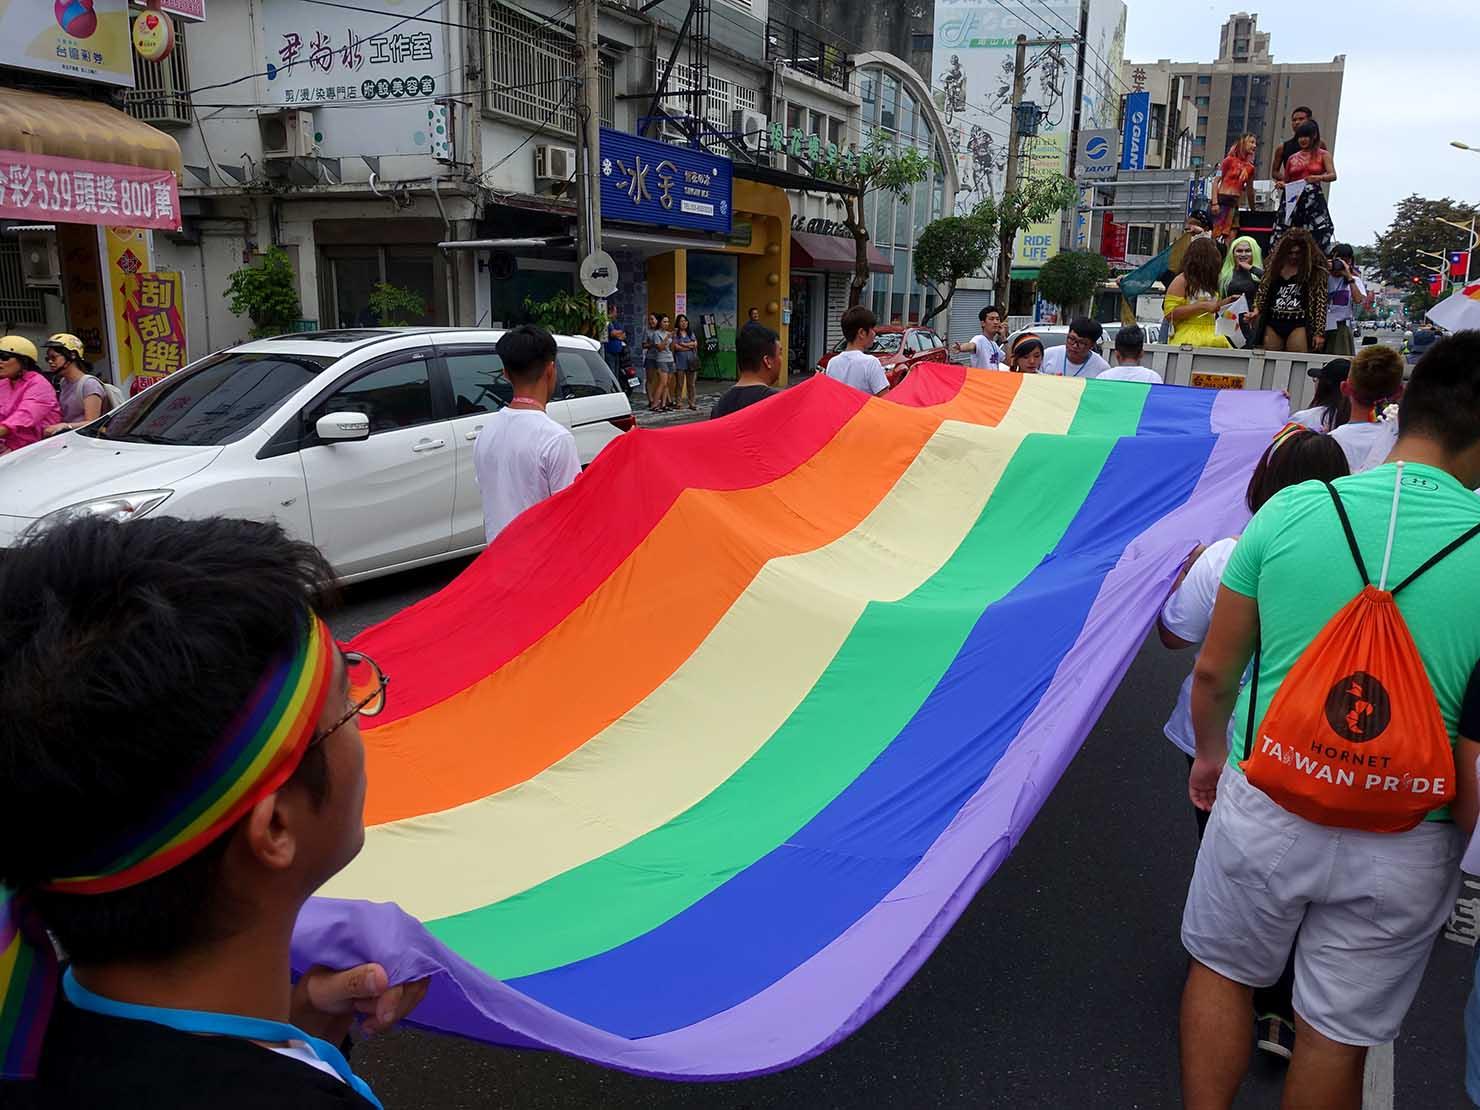 花東彩虹嘉年華(台湾東部LGBTプライド / 花蓮場)でパレードを先導するレインボーフラッグ